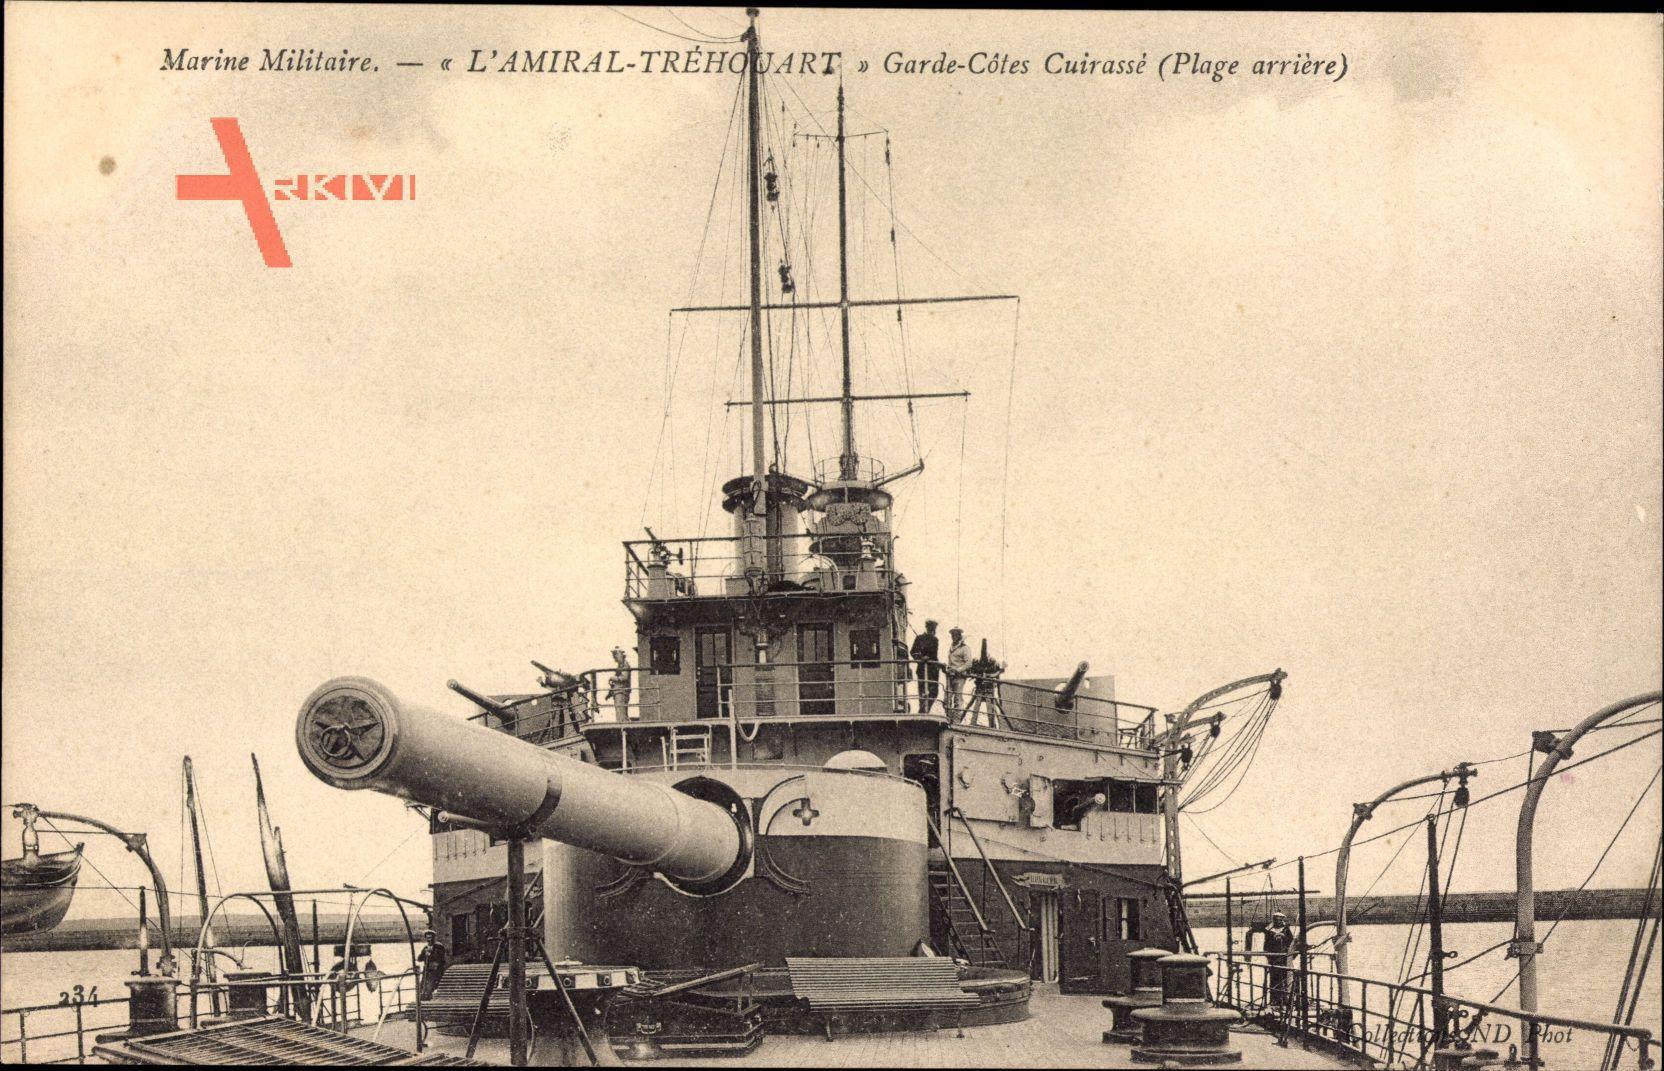 Französisches Kriegsschiff, Amiral Tréhouart, Marine Militaire